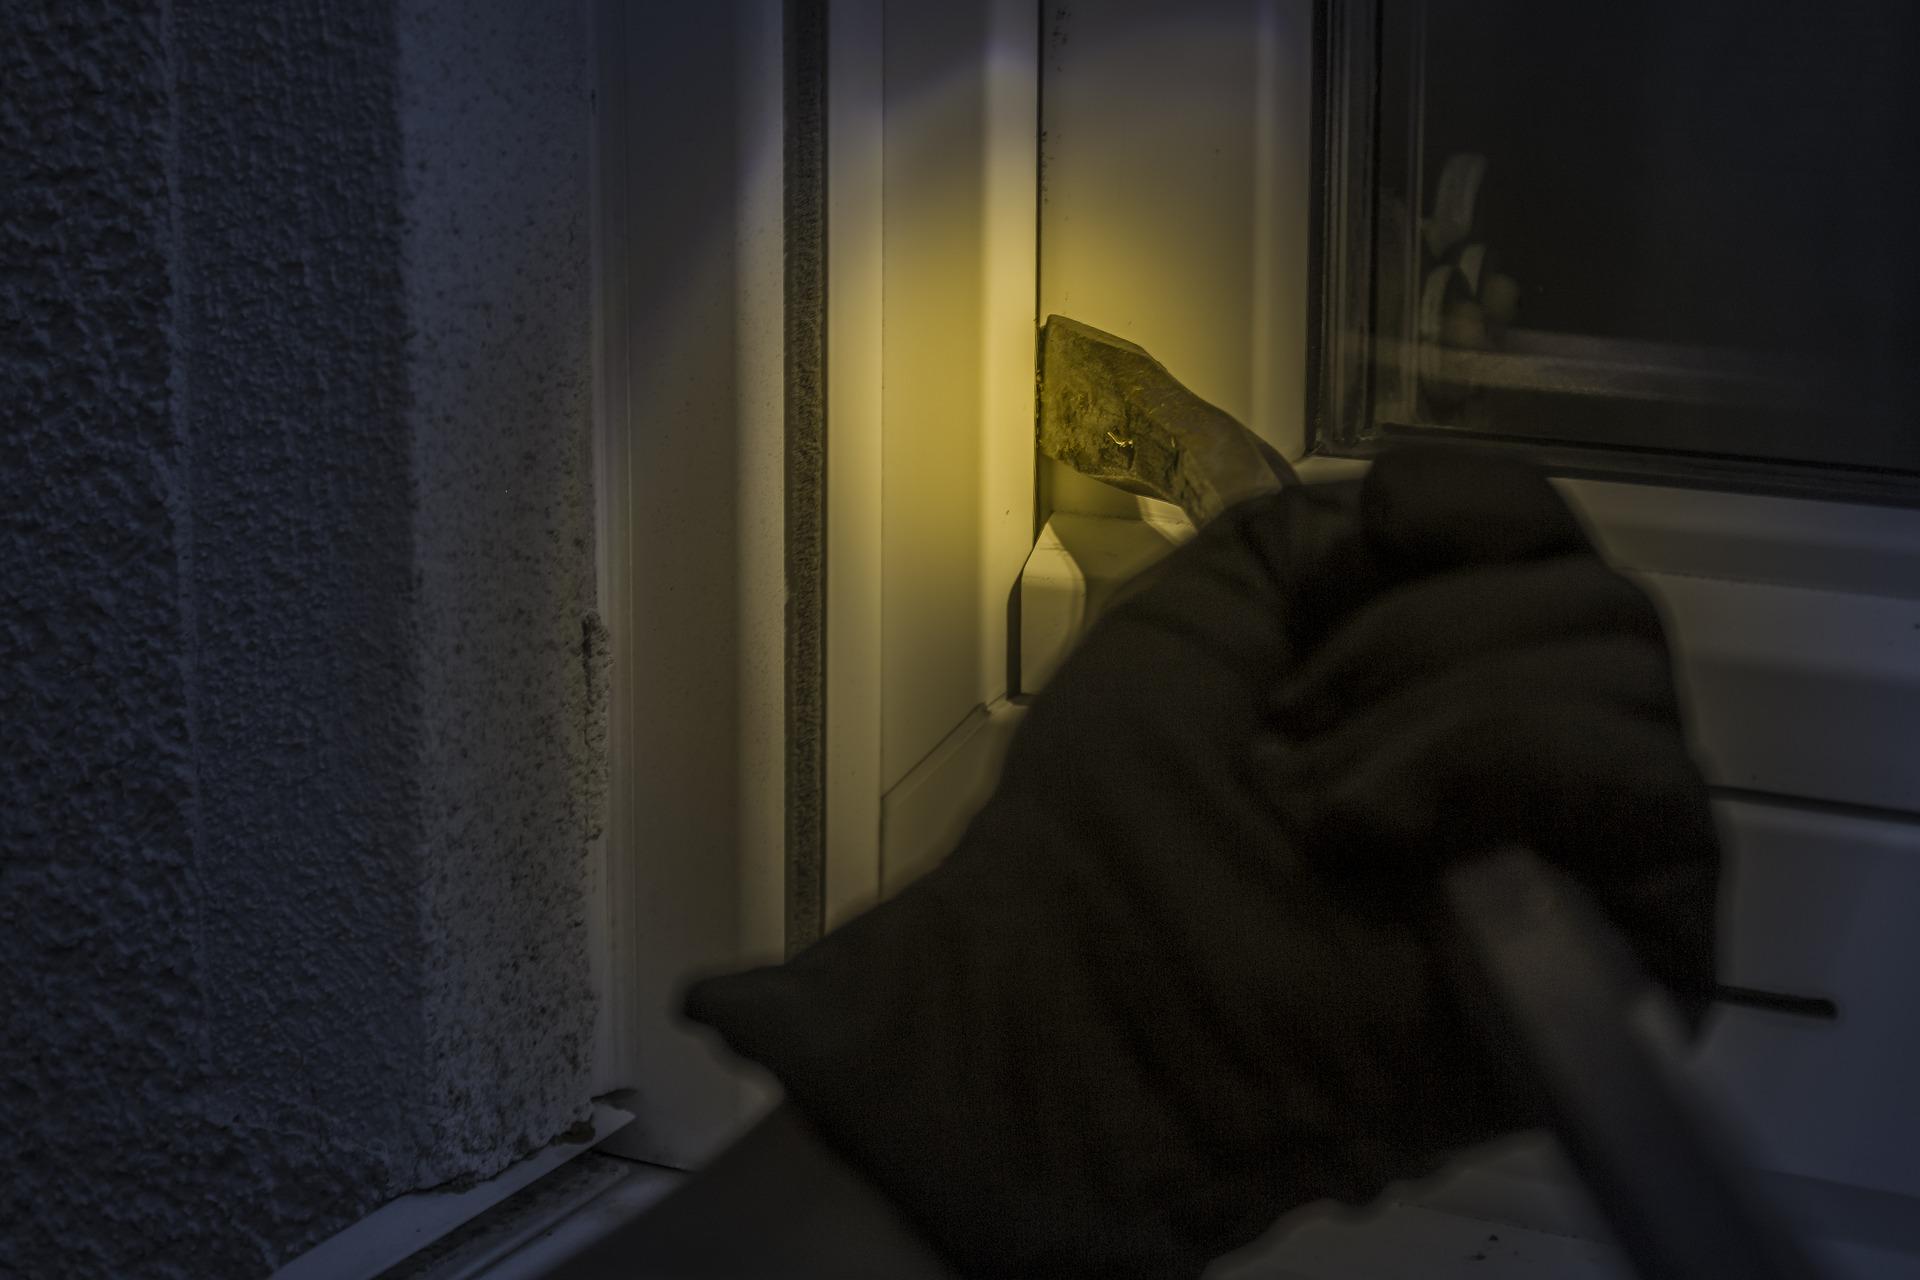 burglar-1678883_1920.jpg